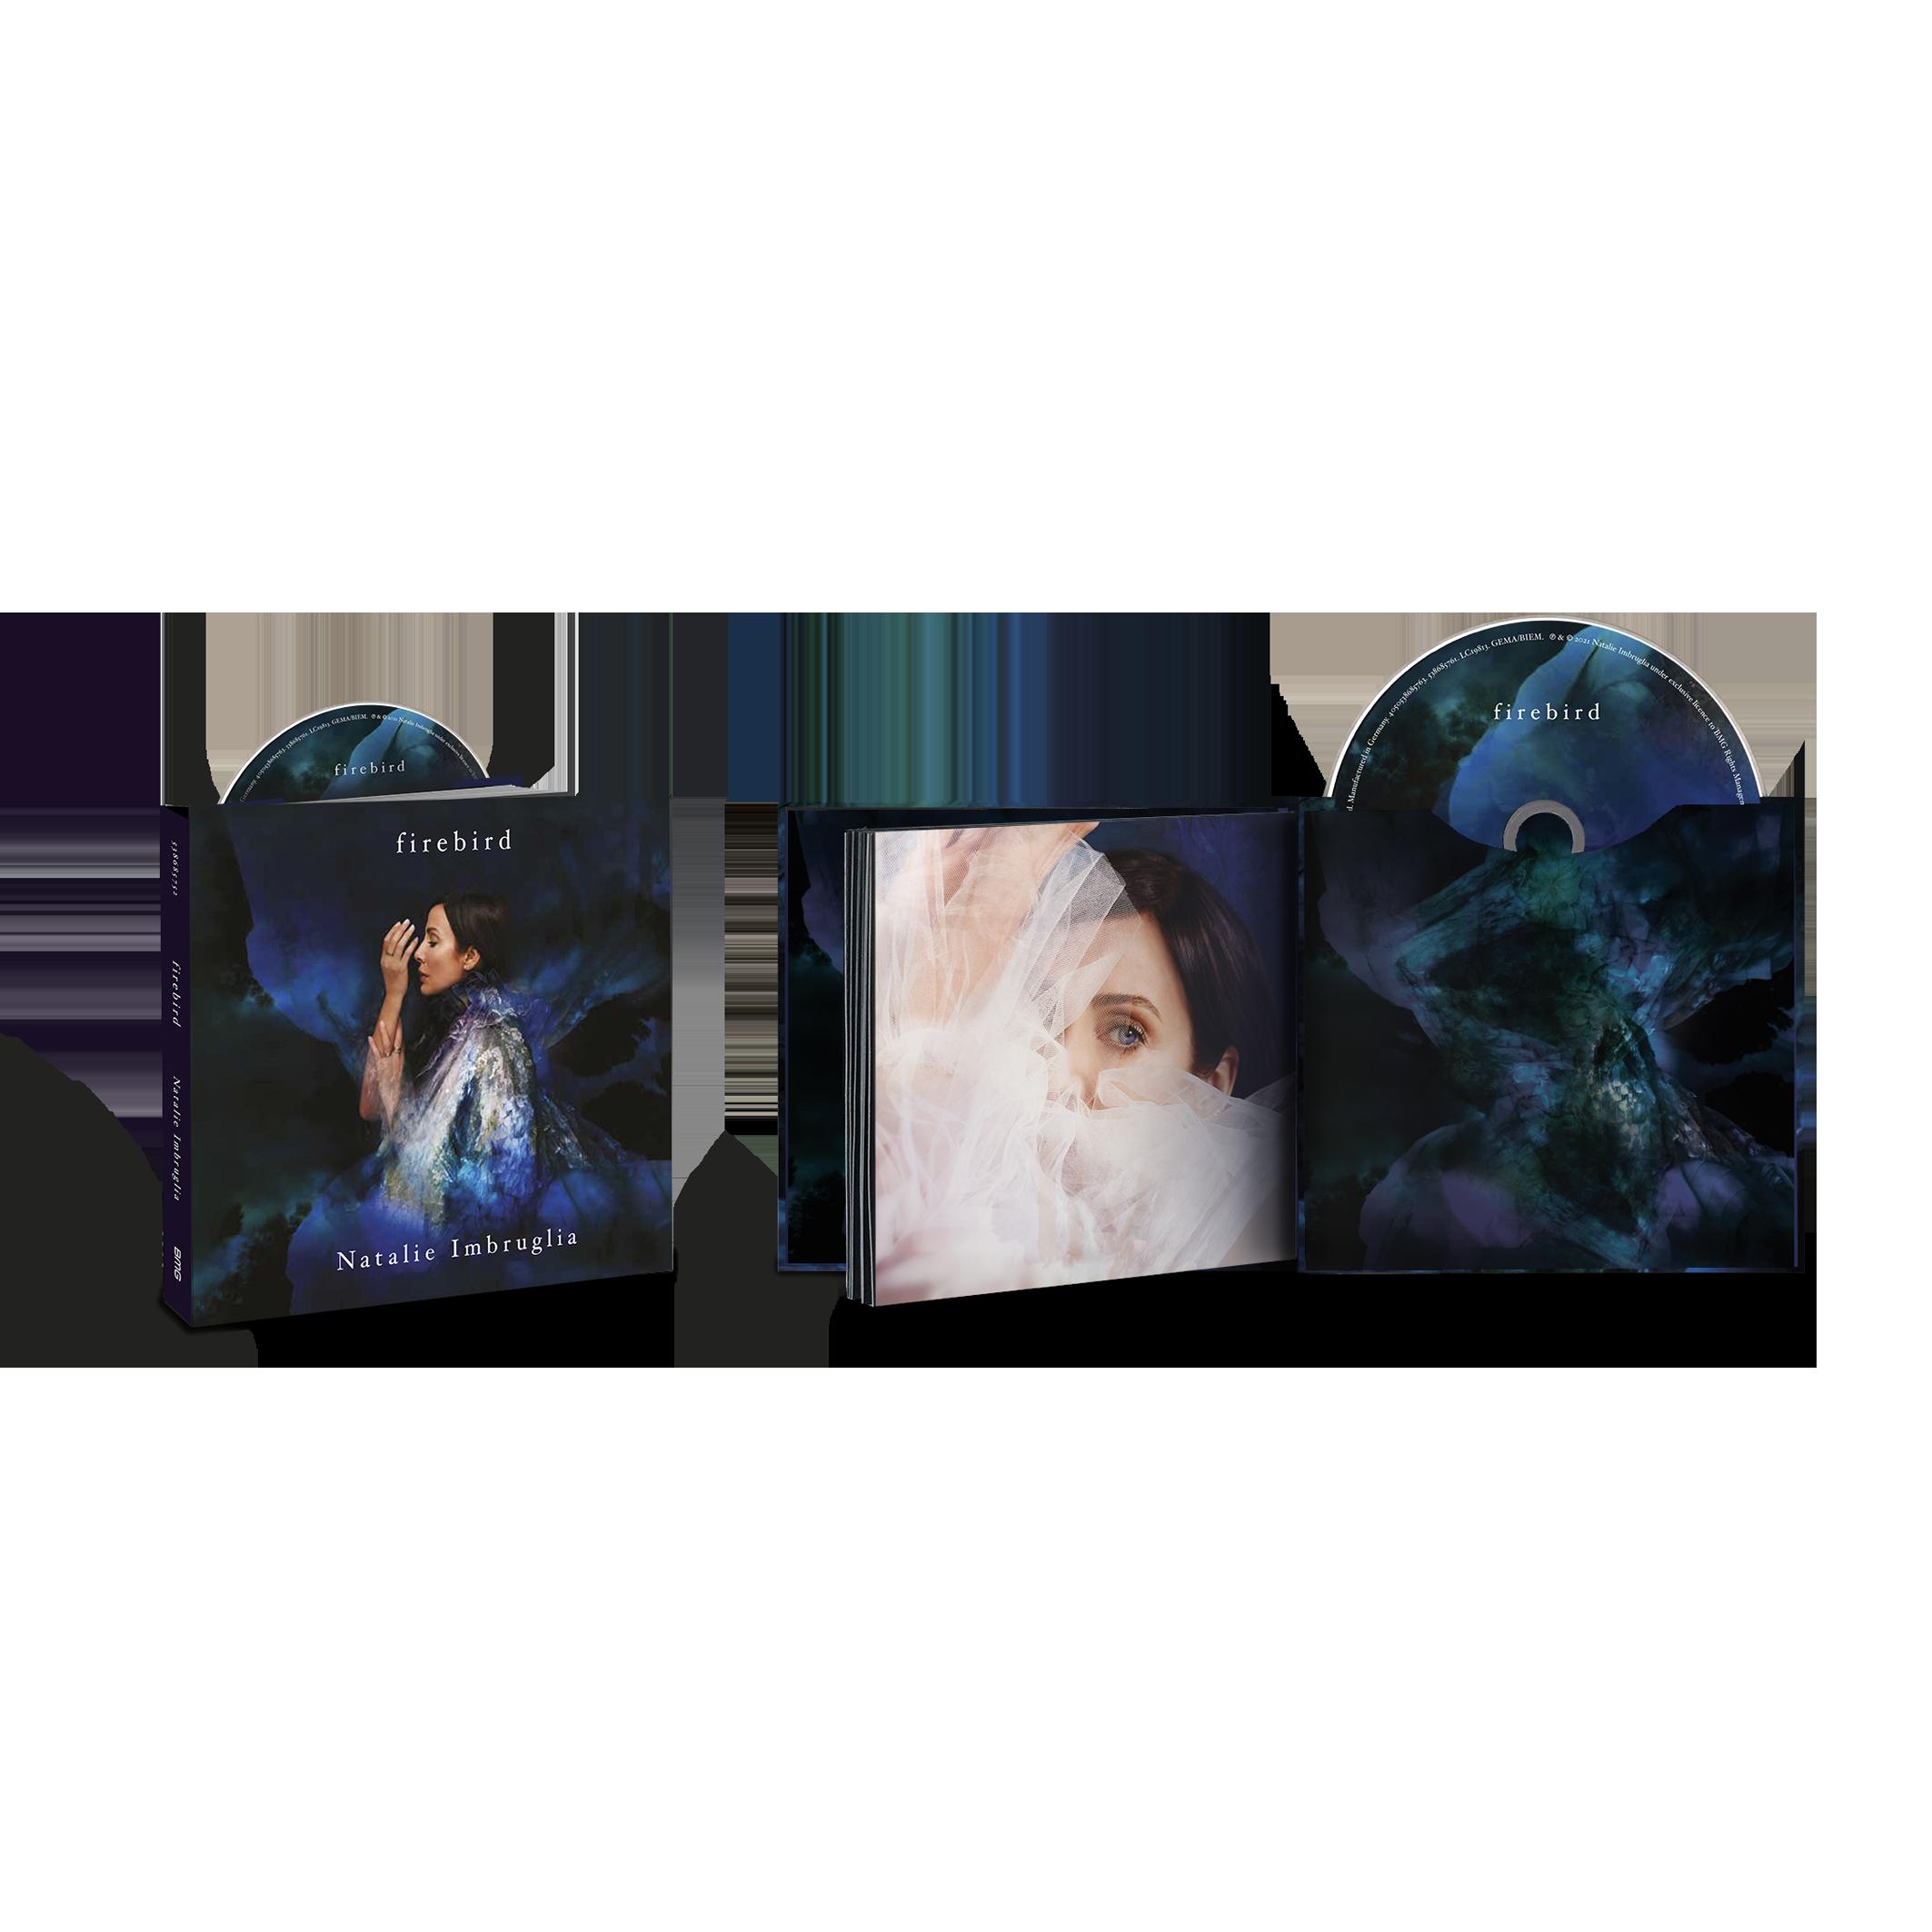 Buy Online Natalie Imbruglia - Firebird Deluxe CD Book Album (w/ Signed Insert)